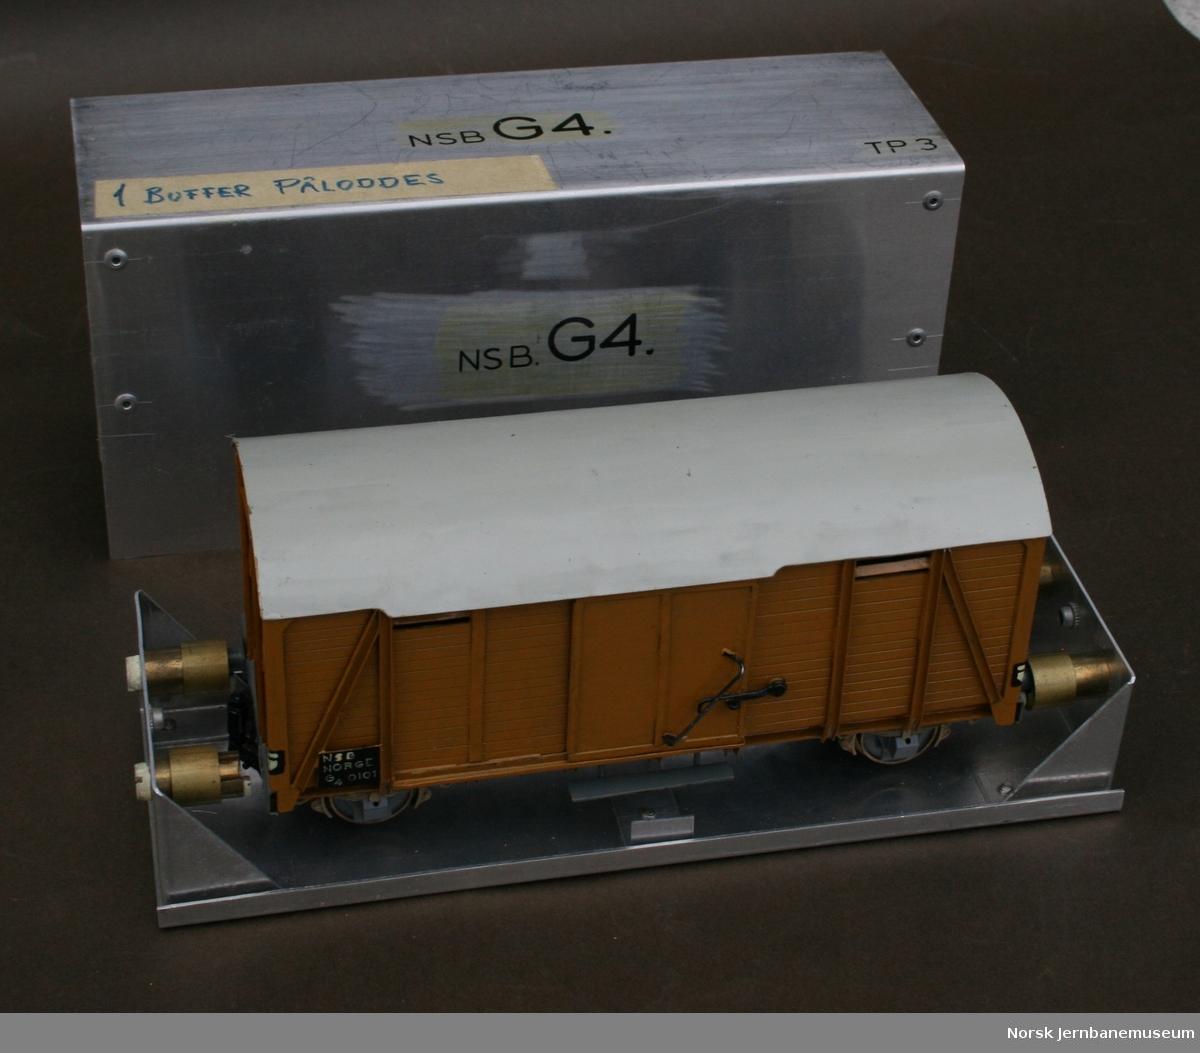 Modellbyggers egen beskrivelse: Lukket godsvogn (elefantvogn). NSB type G4. Sporvidde 32 mm, skala 0. Modellstørrelse 1:48. Isolerte hjul for 2-skinnedrift, automatkobbel av egen konstruksjon. I egenprodusert metallboks.